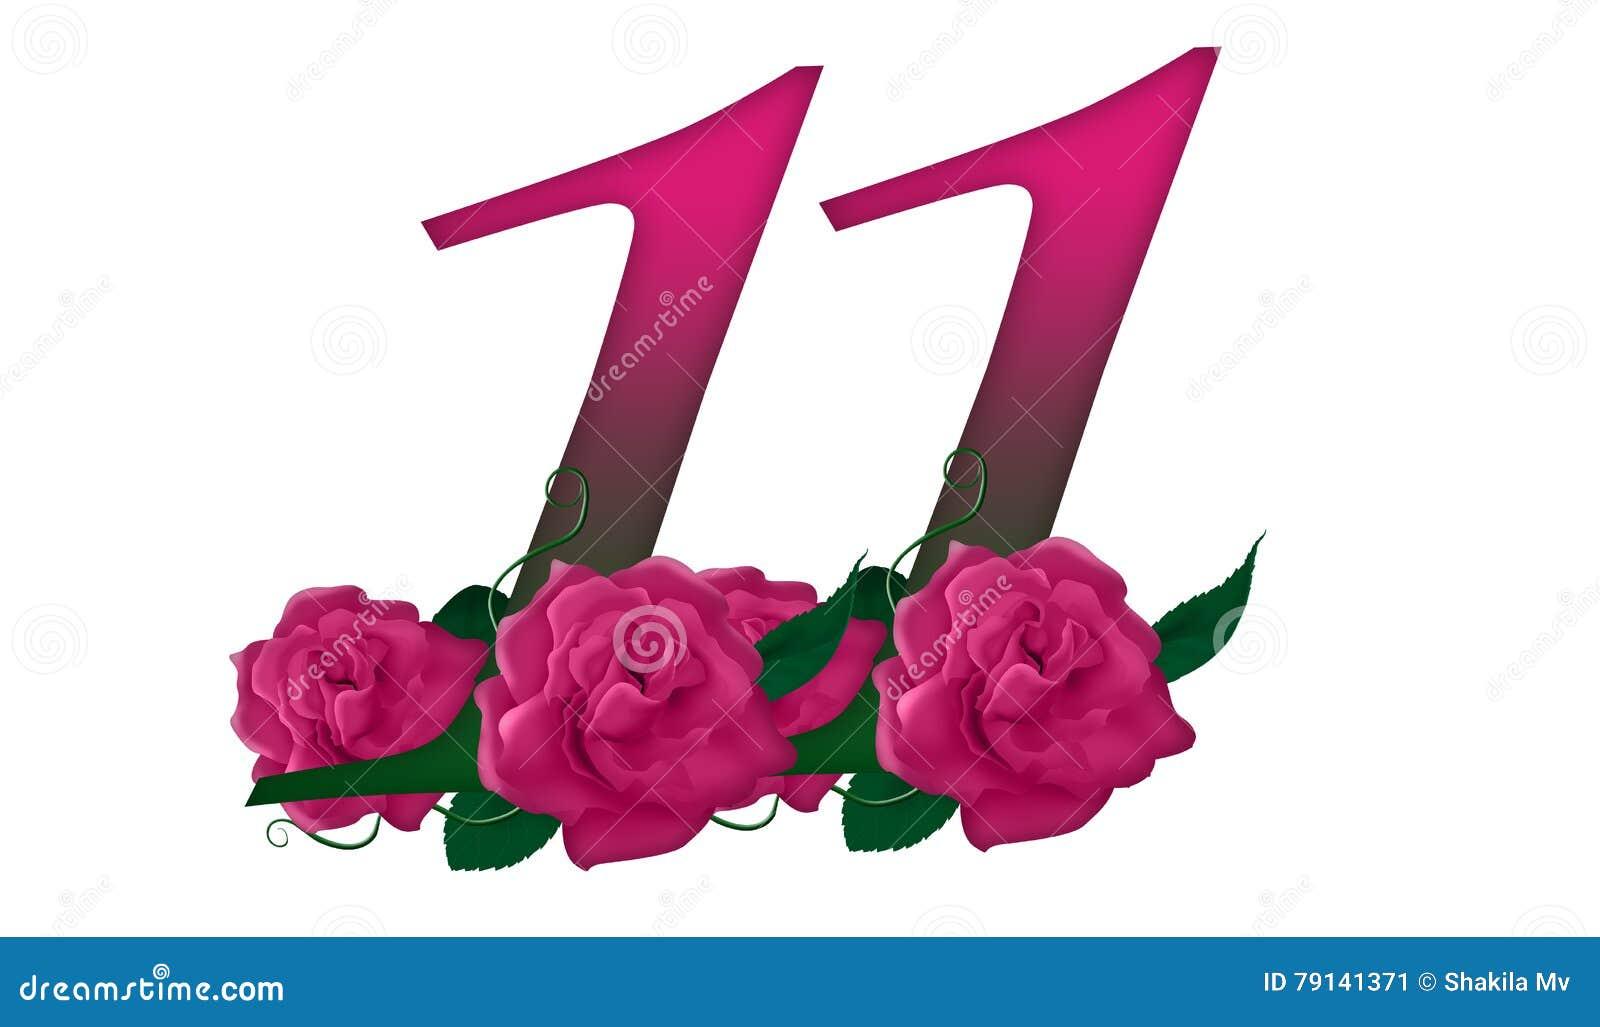 11 >> Number 11 Floral Stock Illustration Illustration Of Element 79141371